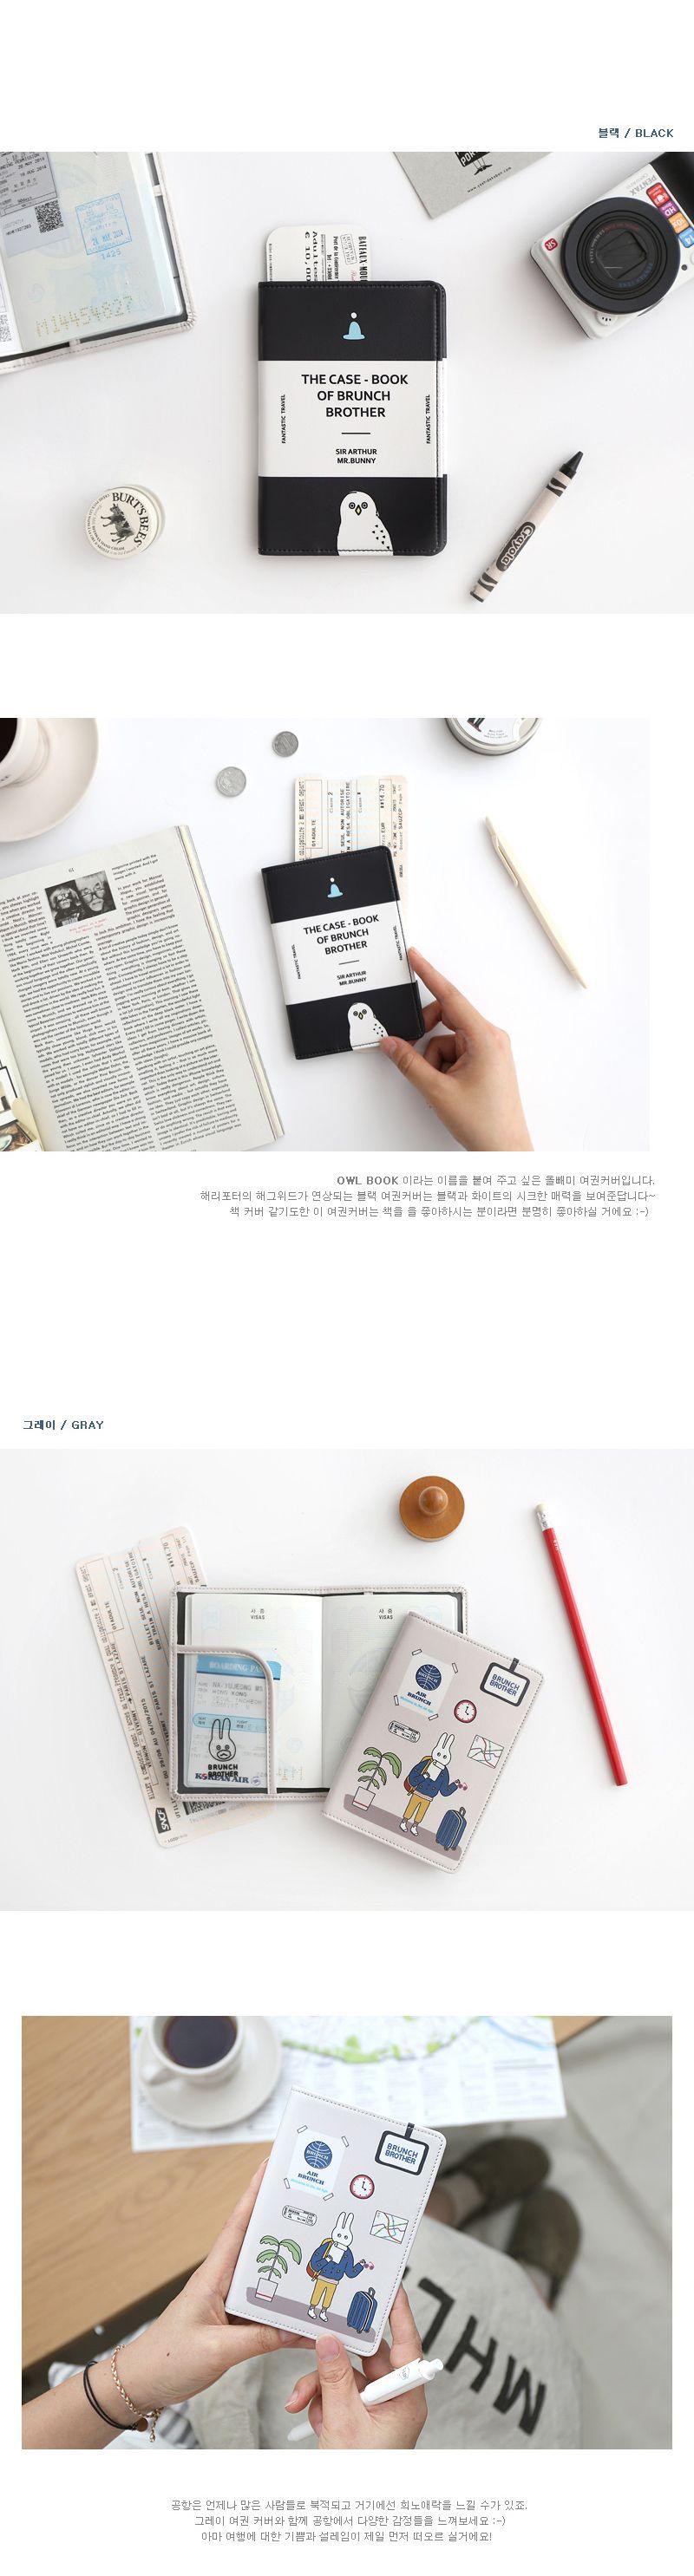 B2B Wholesale Shopping - Cheonyu.com